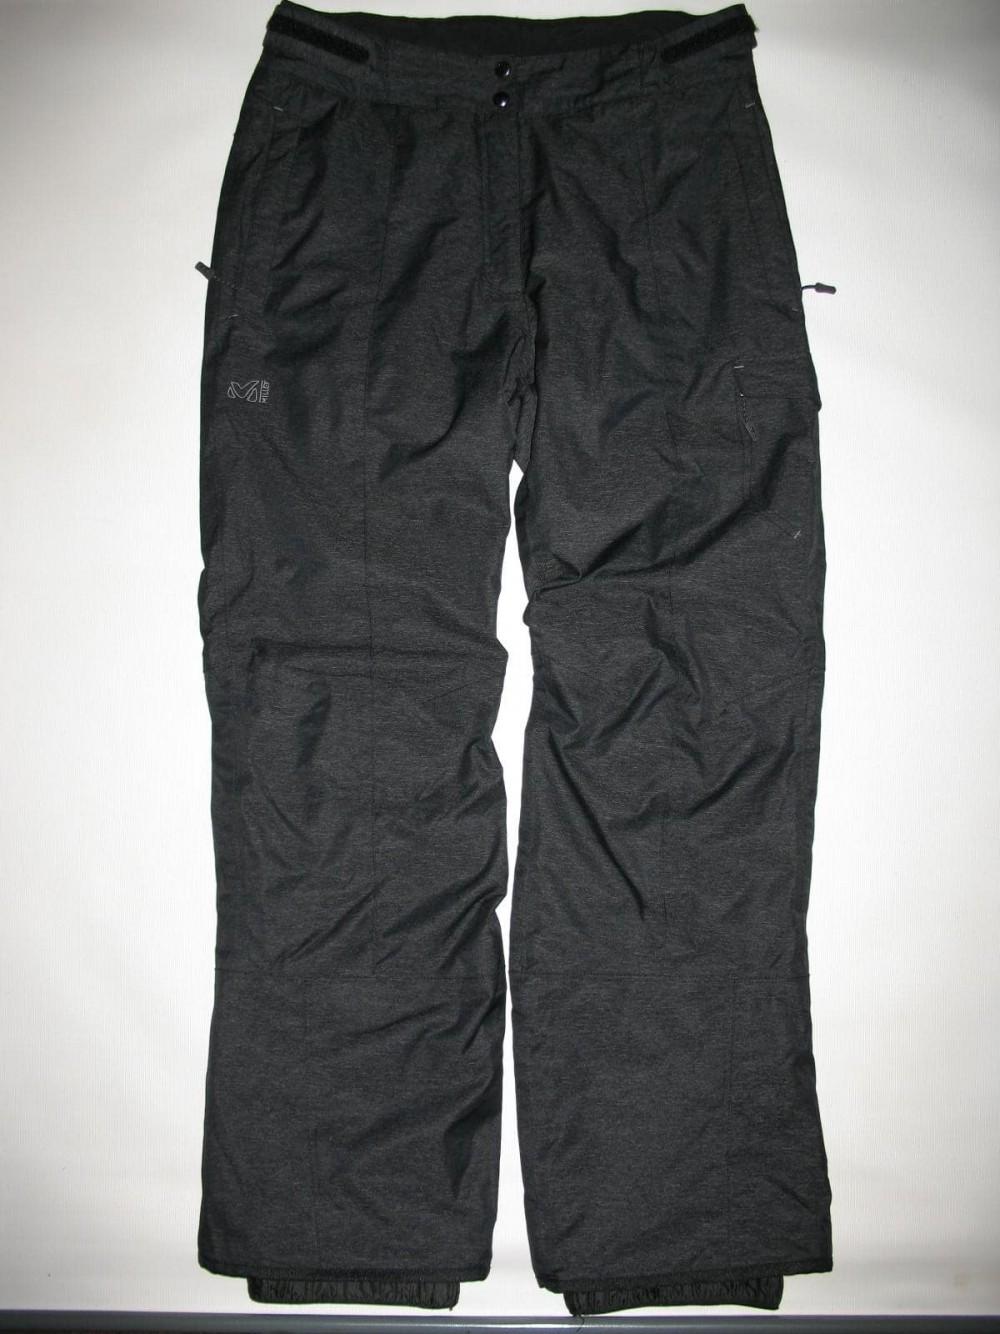 Штаны MILLET takotna pant lady (размер 42/M) - 1